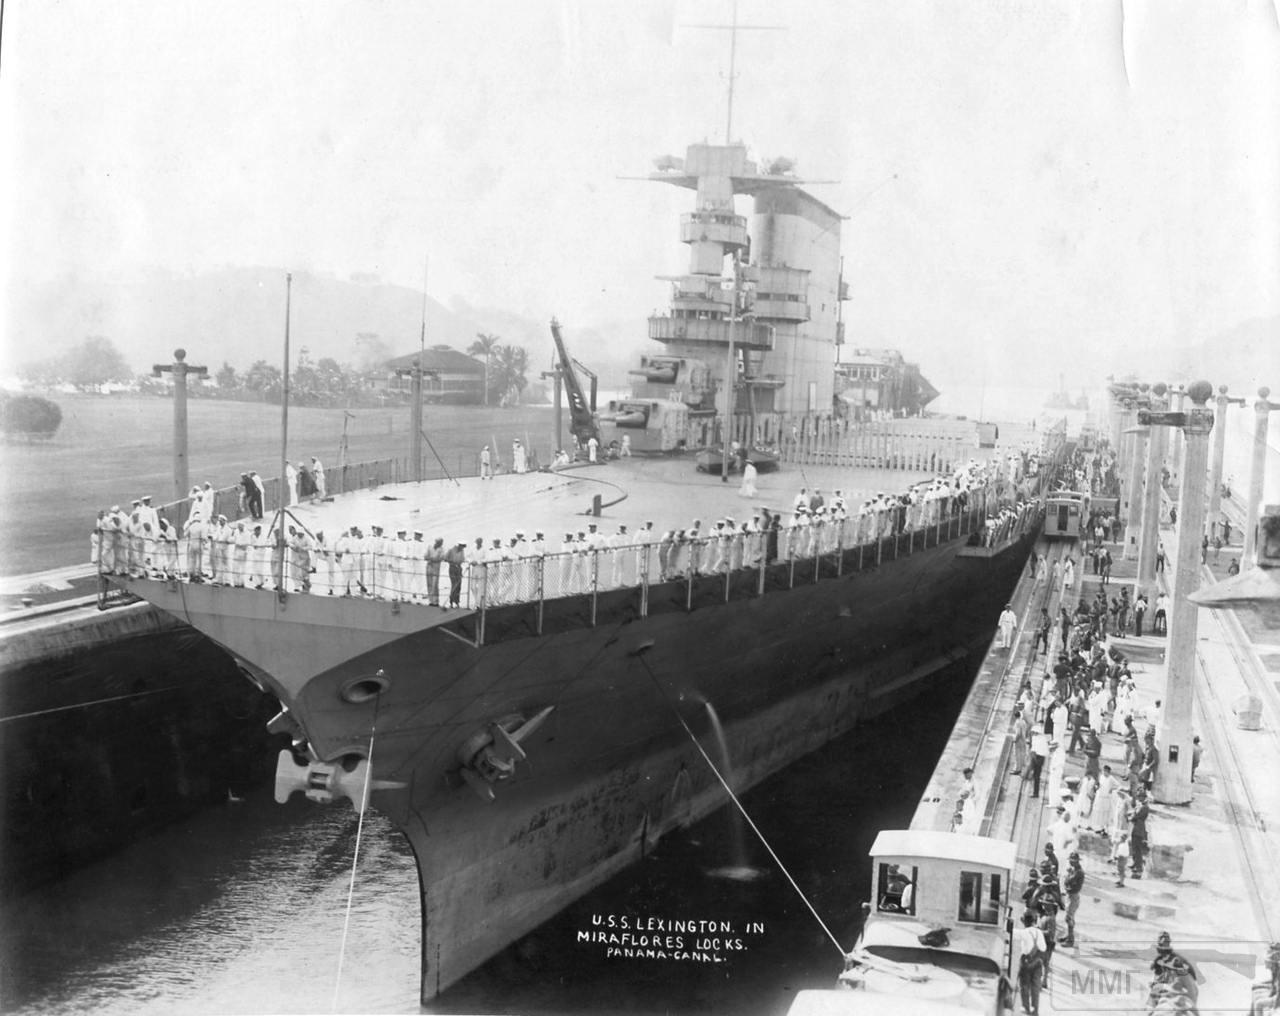 56127 - USS Lexington (CV-2)